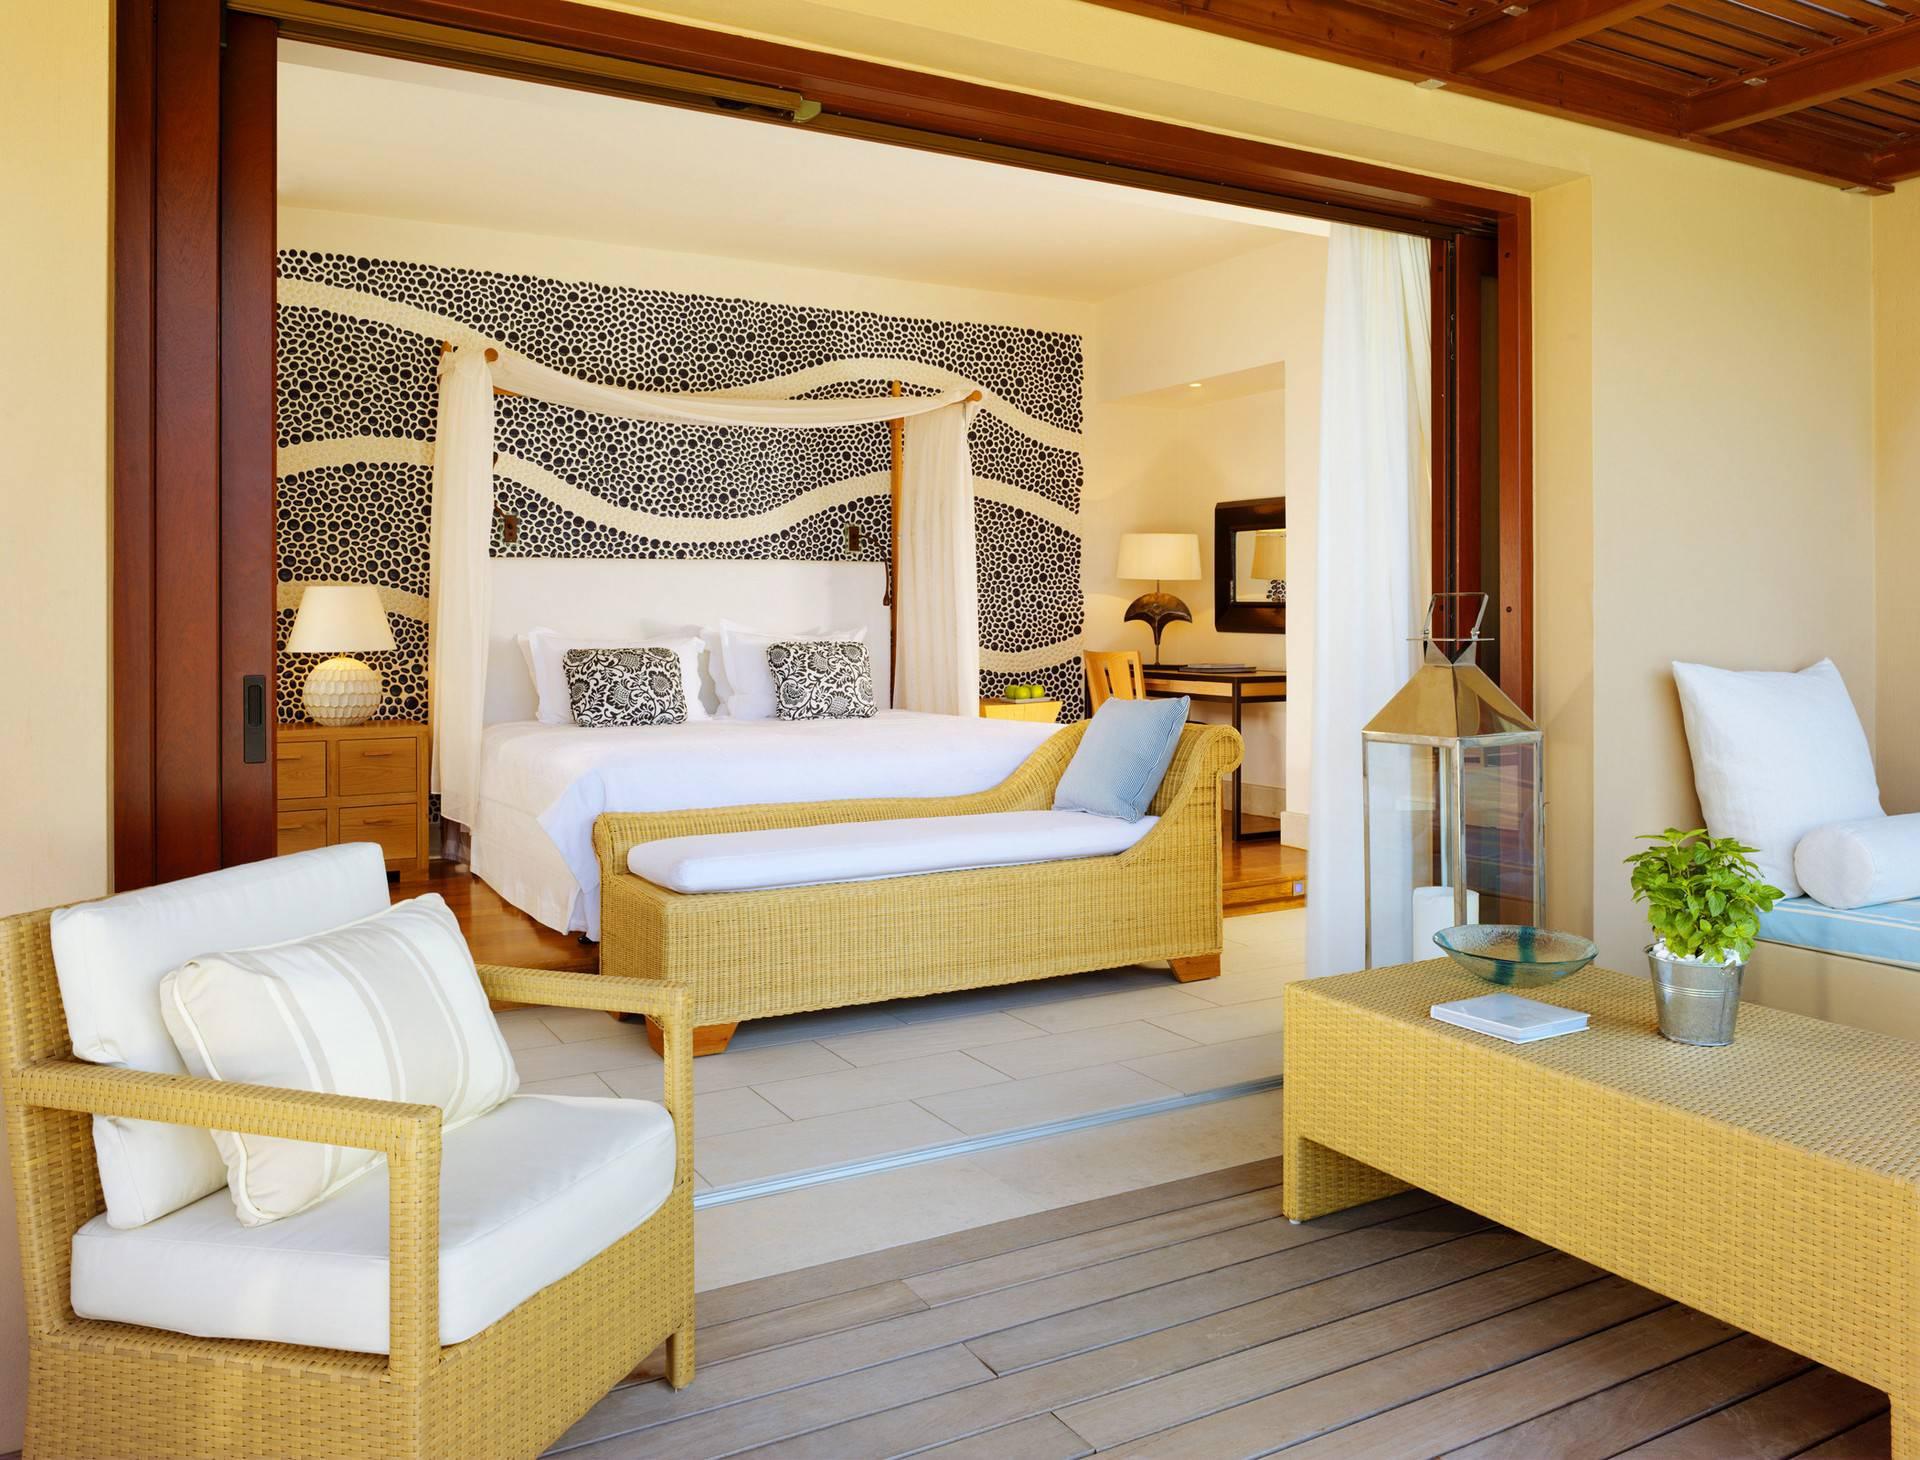 Exquisite suites